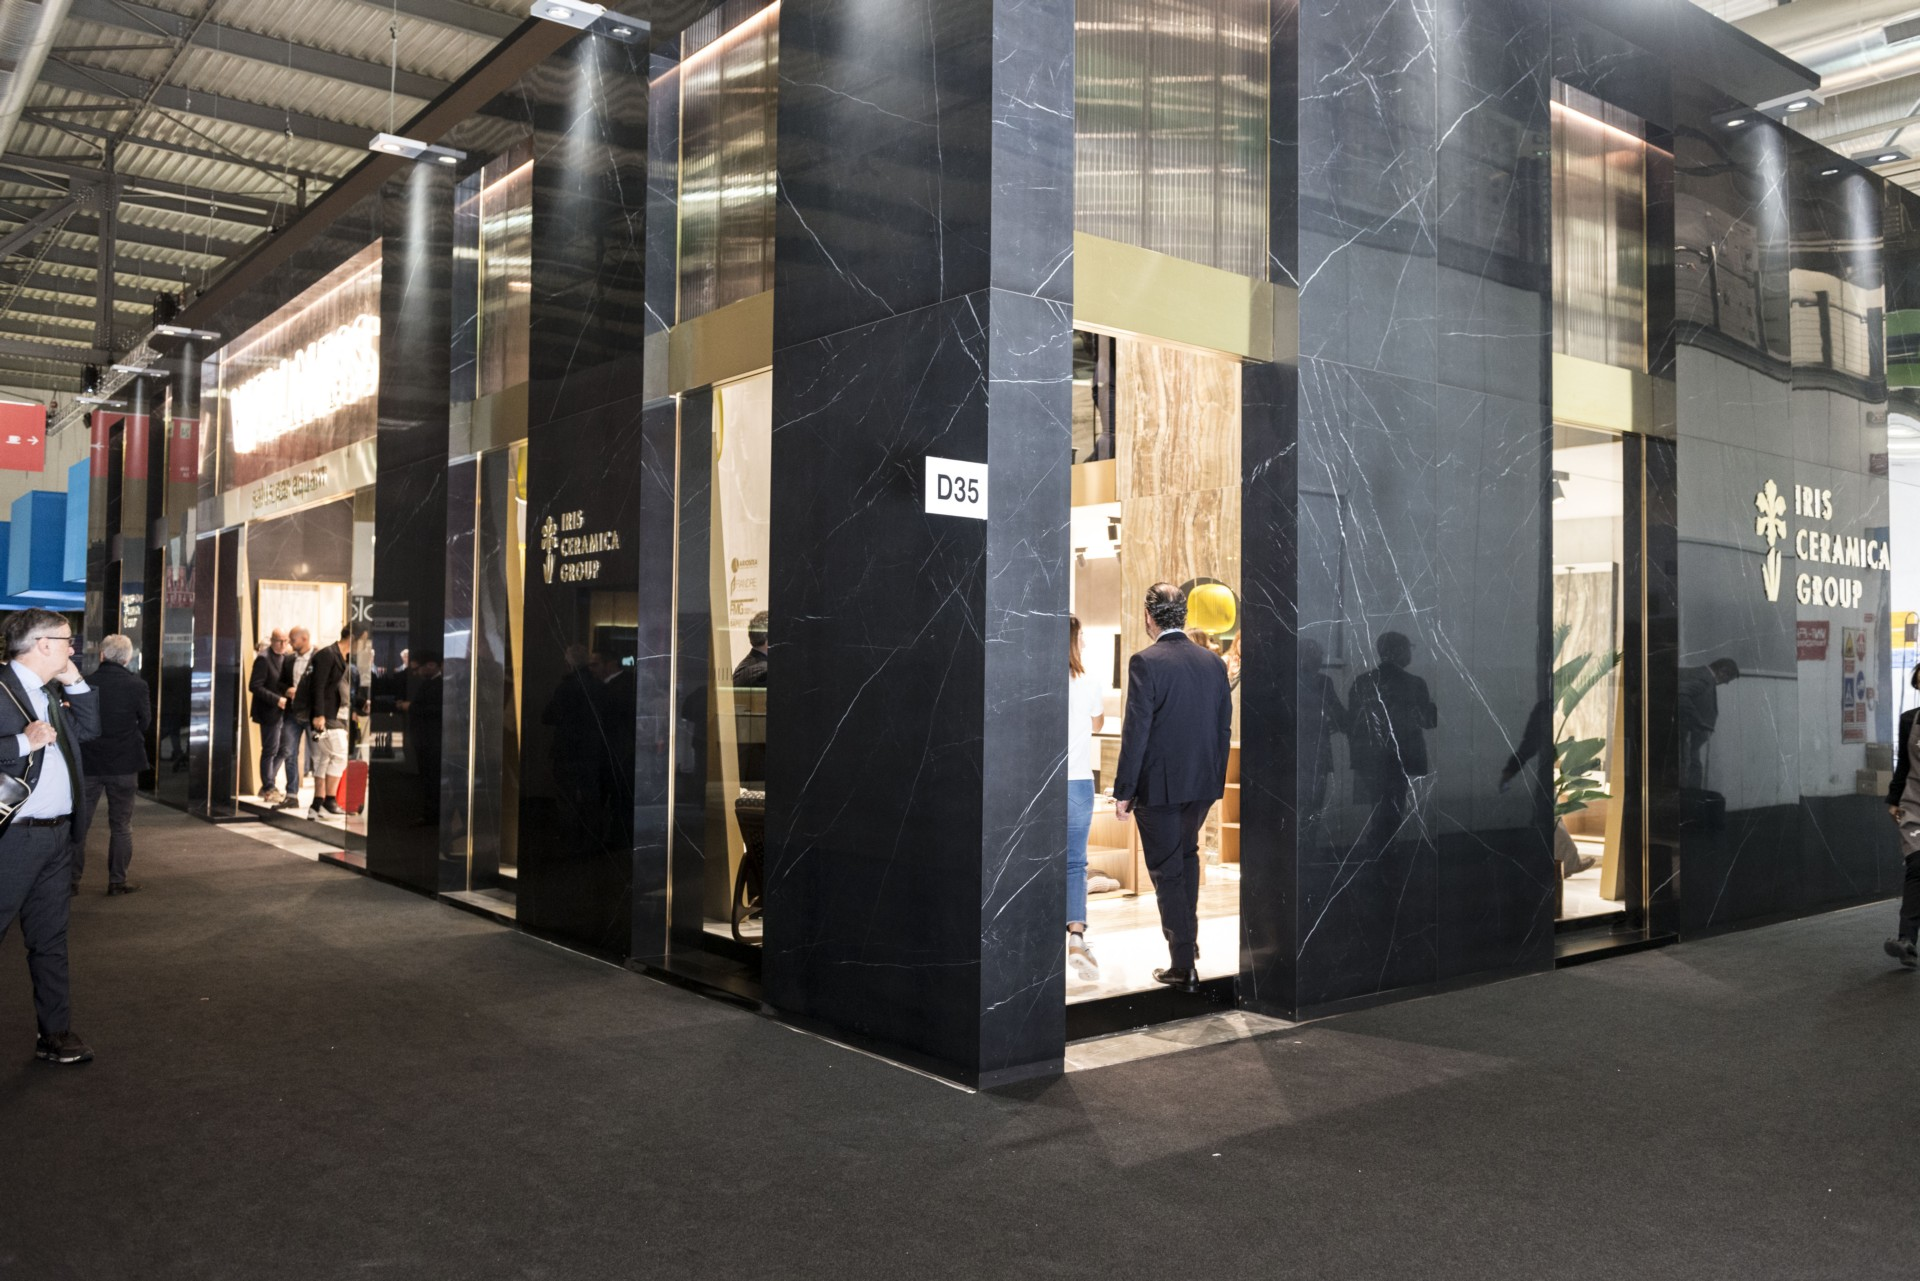 Iris Ceramica Group au salon international du meuble et au Fuorisalone 2018 de Milan